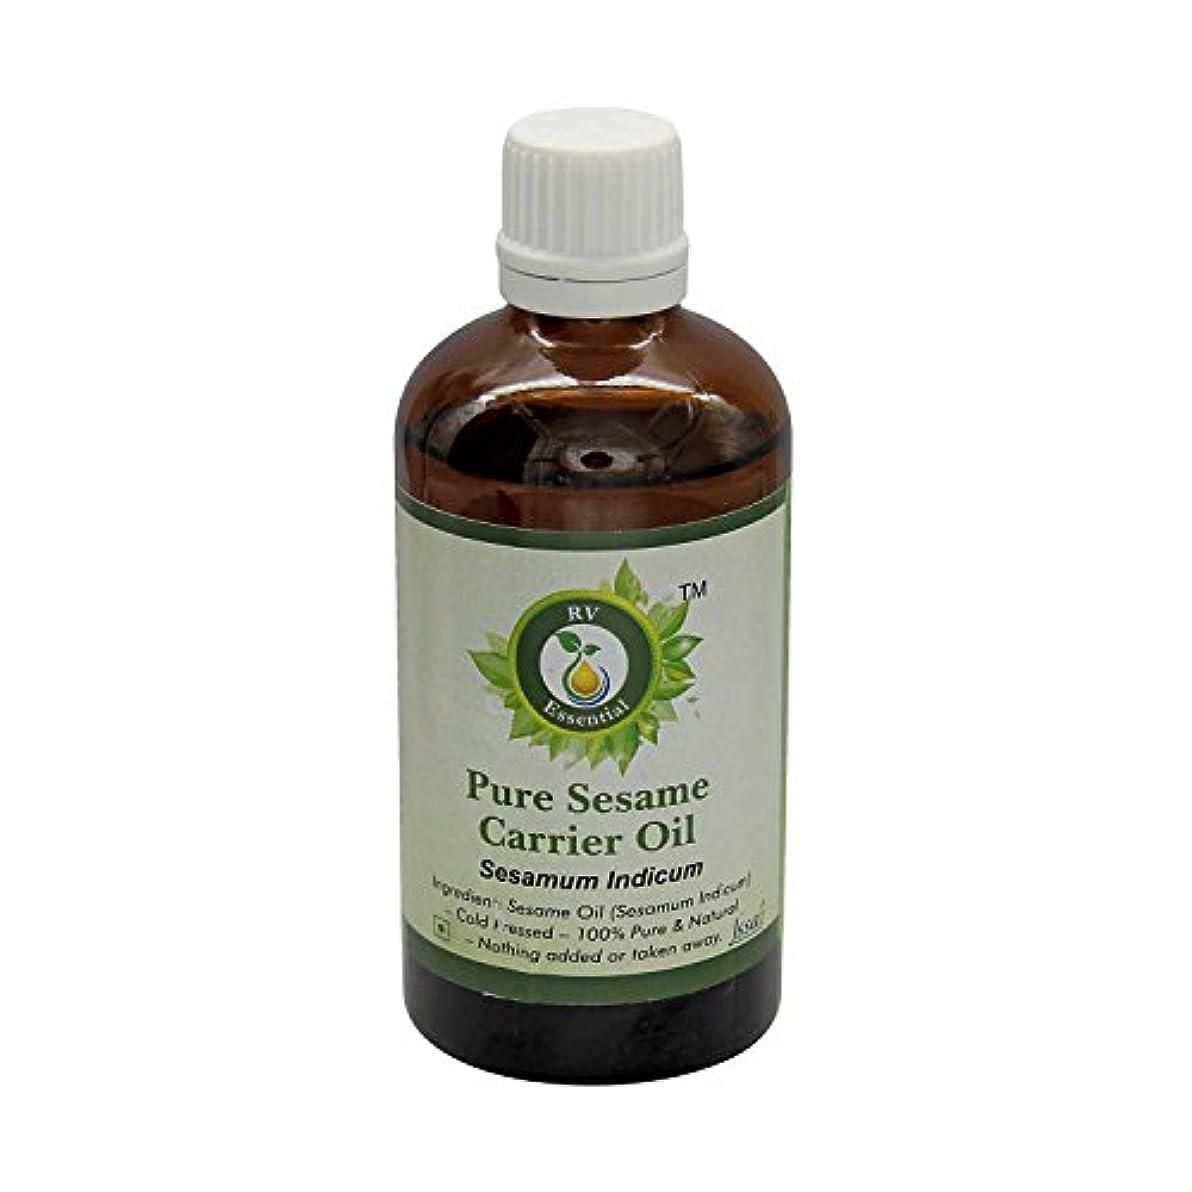 敏感なモールス信号終わったR V Essential 純粋なごま油15ml (0.507oz)- Sesamum Indicum (100%ピュア&ナチュラルコールドPressed) Pure Sesame Carrier Oil